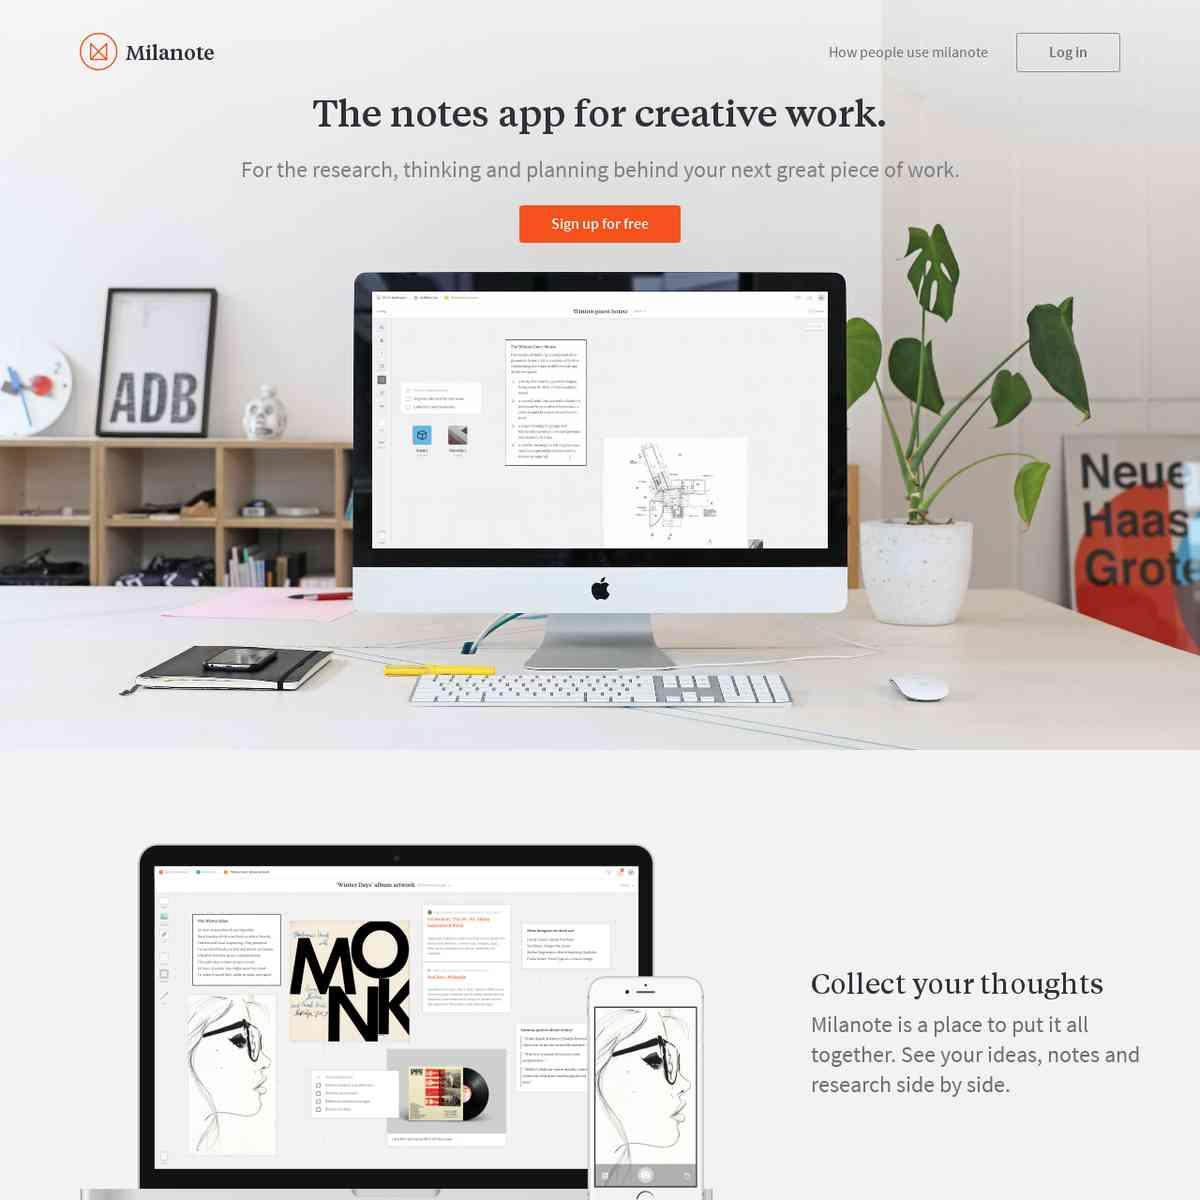 milanote.com